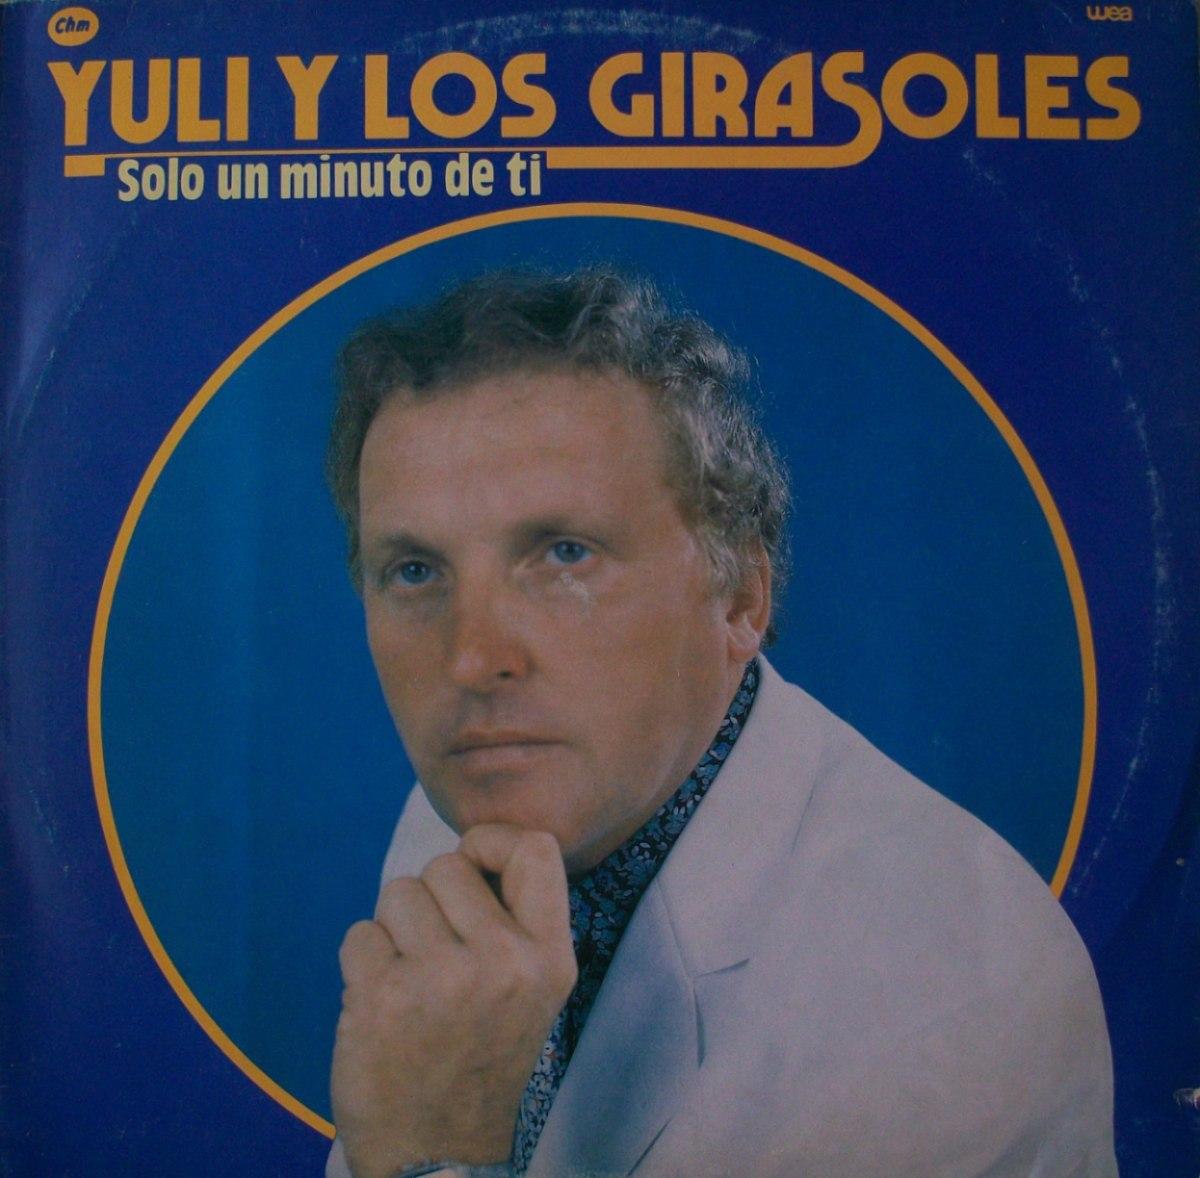 Yuli y los girasoles s lo un minuto de ti 1990 - Gemelli diversi solo un minuto ...